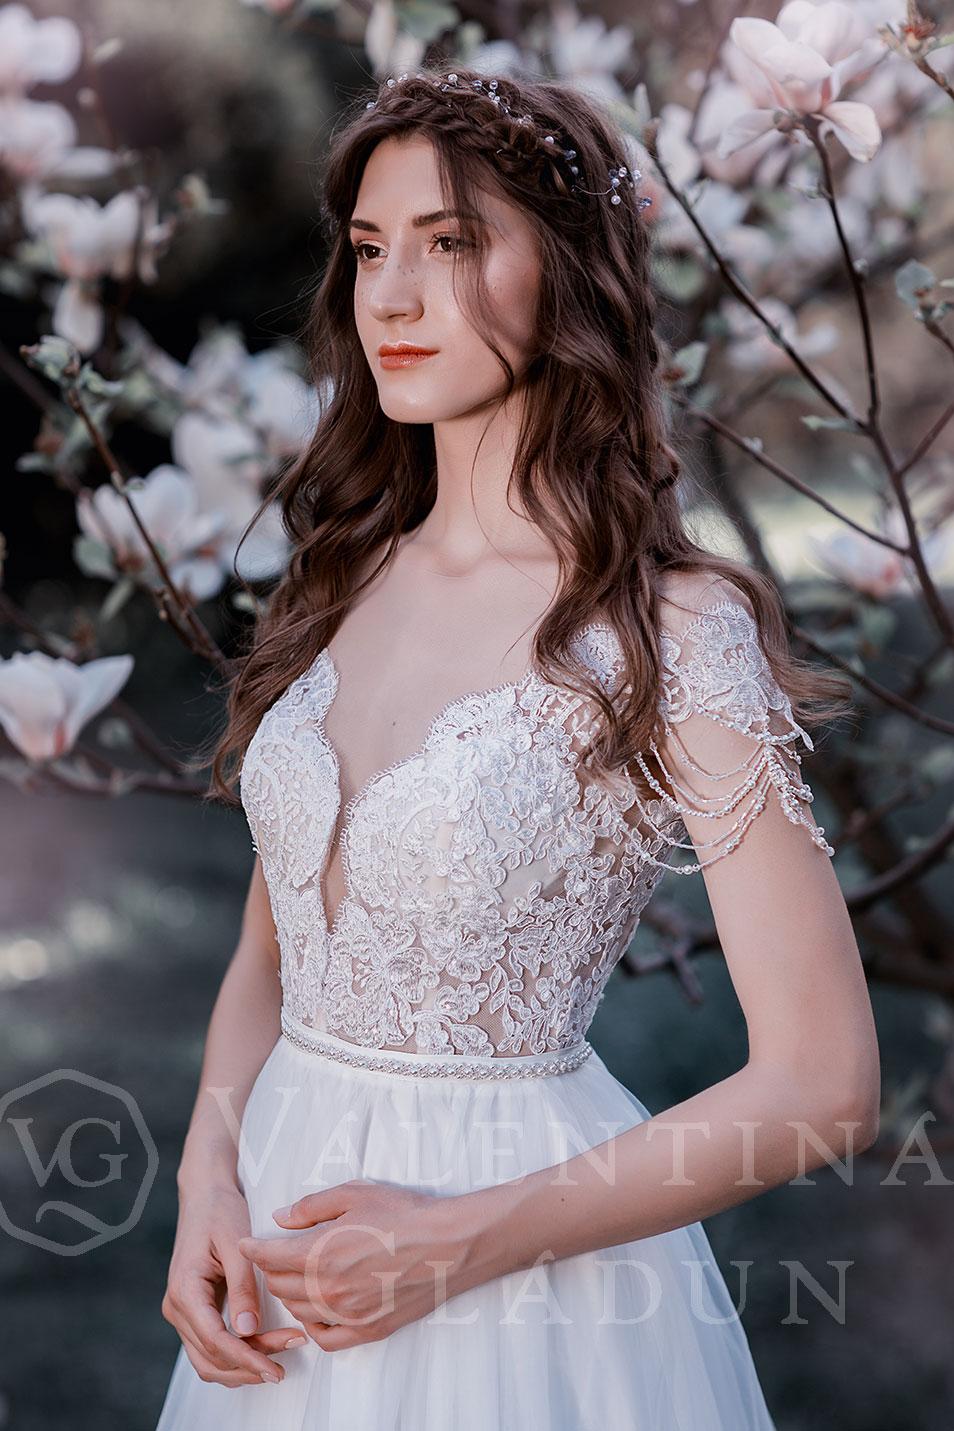 Marguerite1